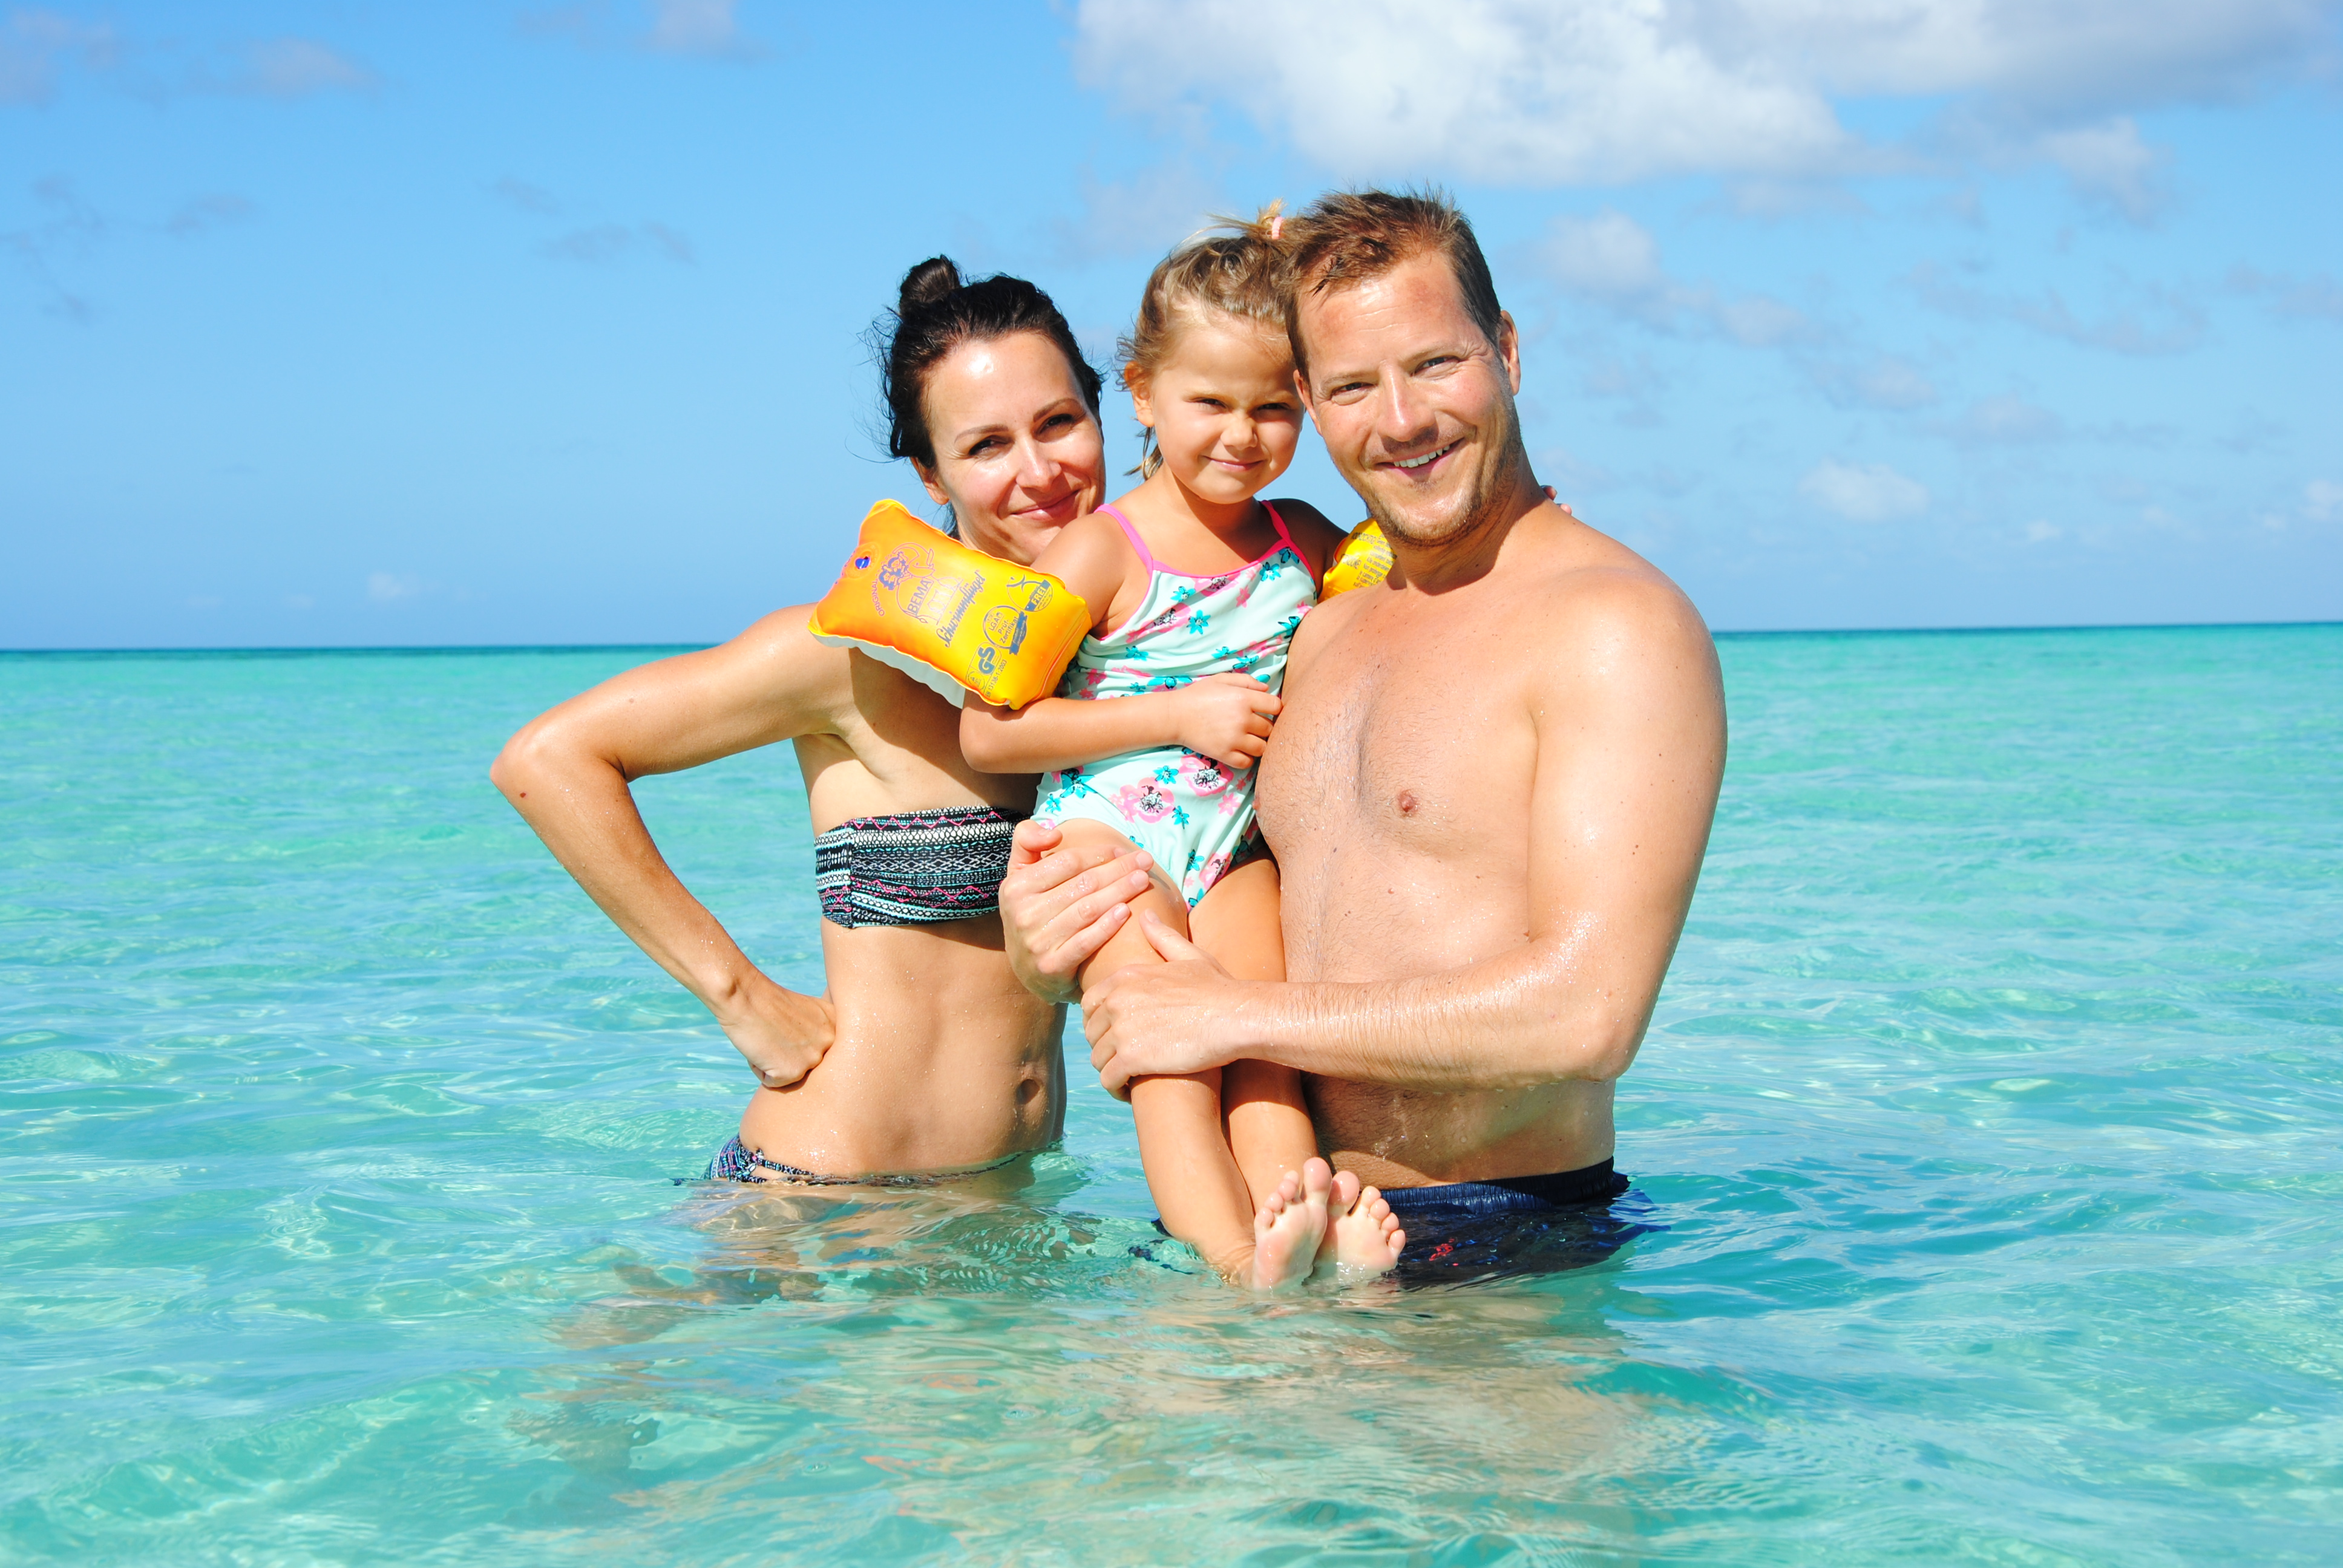 Familie im Wasser auf einer Sandbank, kurz vor Saona Island